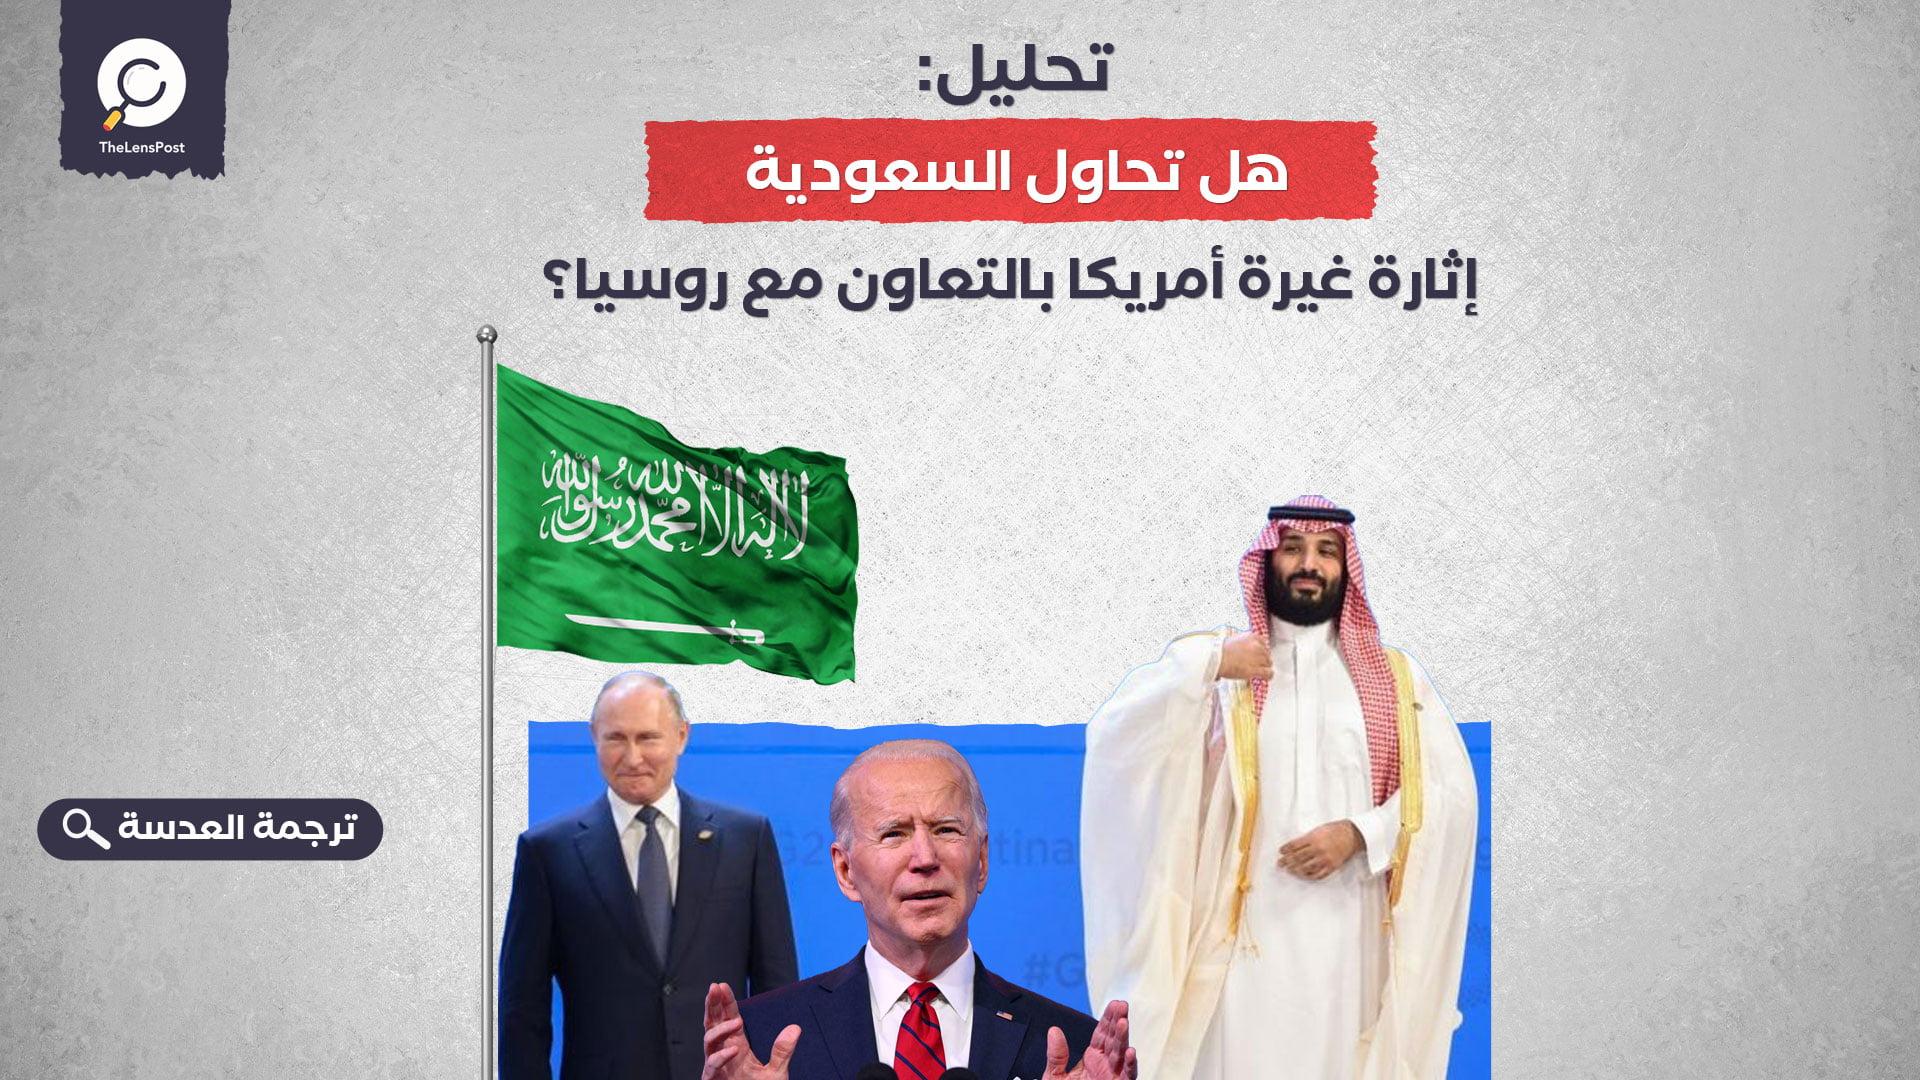 تحليل: هل تحاول السعودية إثارة غيرة أمريكا بالتعاون مع روسيا؟